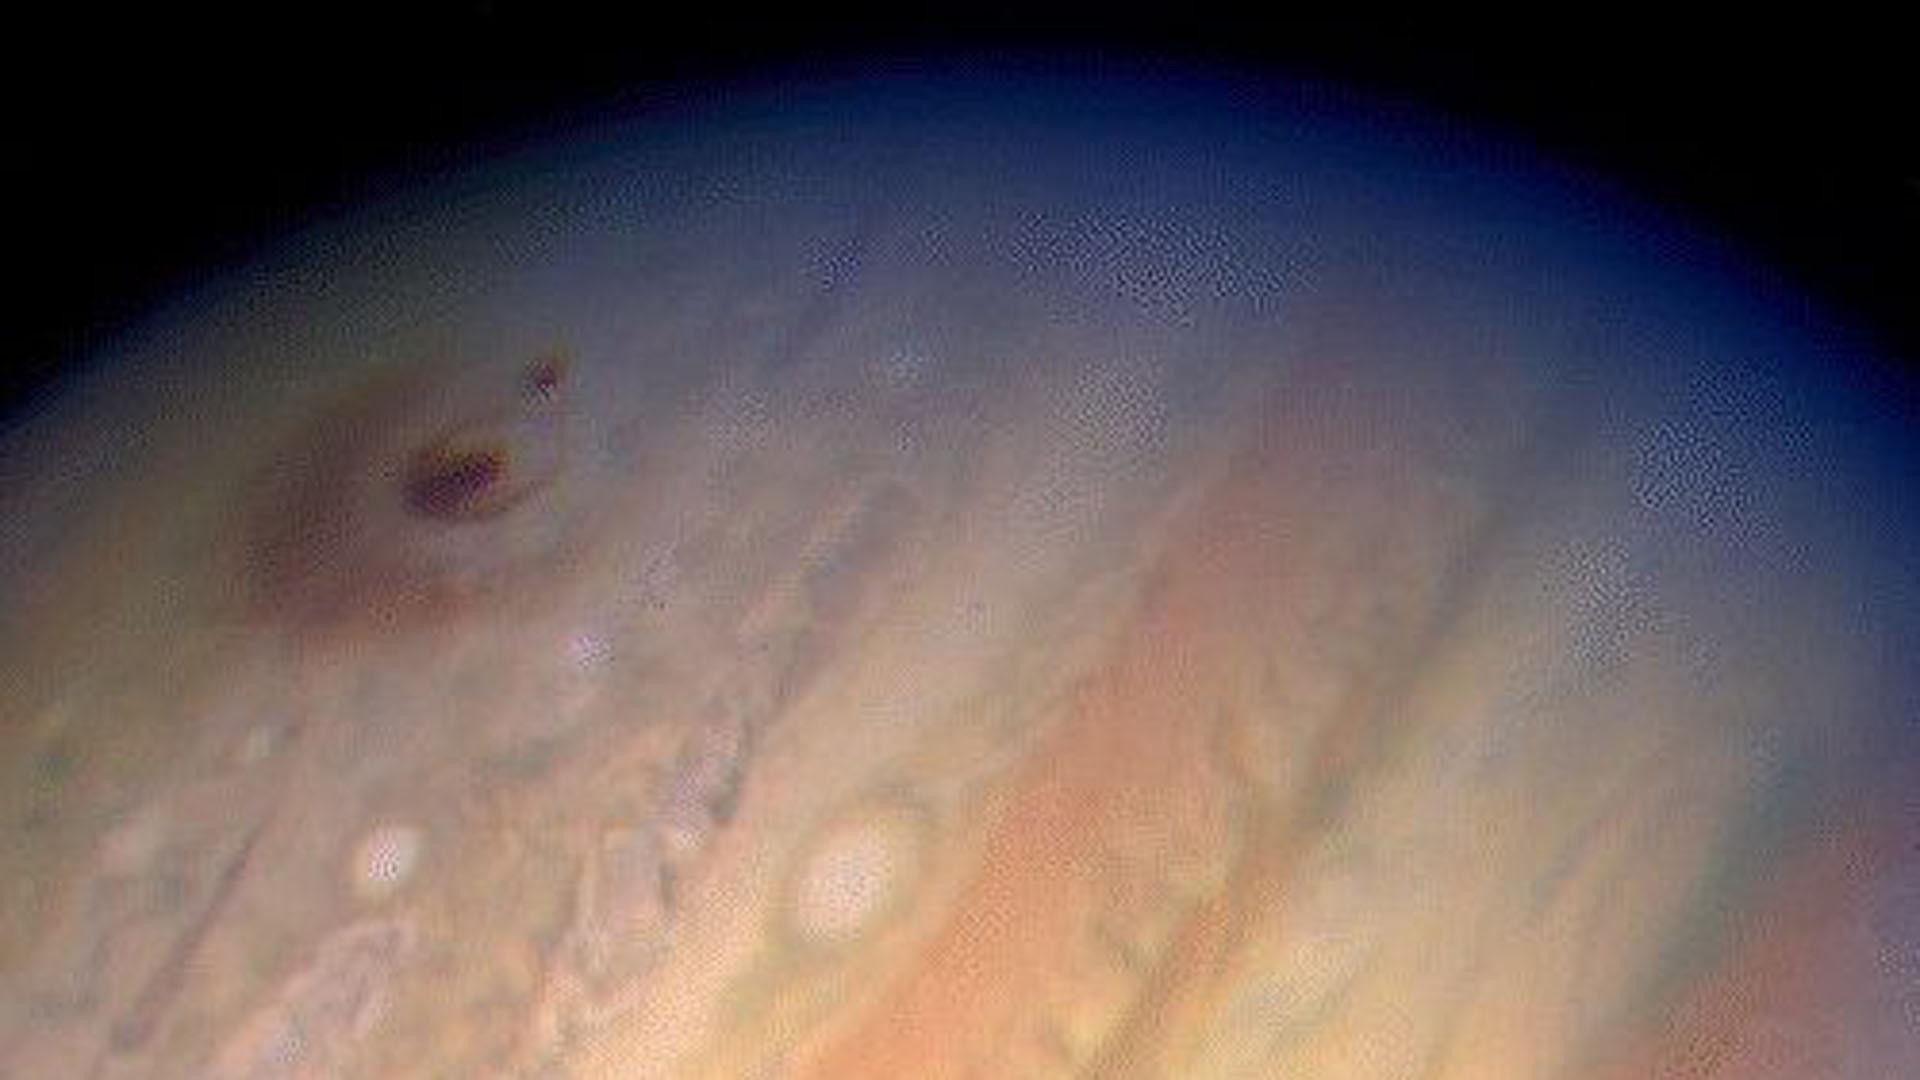 El telescopio espacial observó al cometa Shoemaker-Levy 9 colisionar espectacularmente con Júpiter en 1994